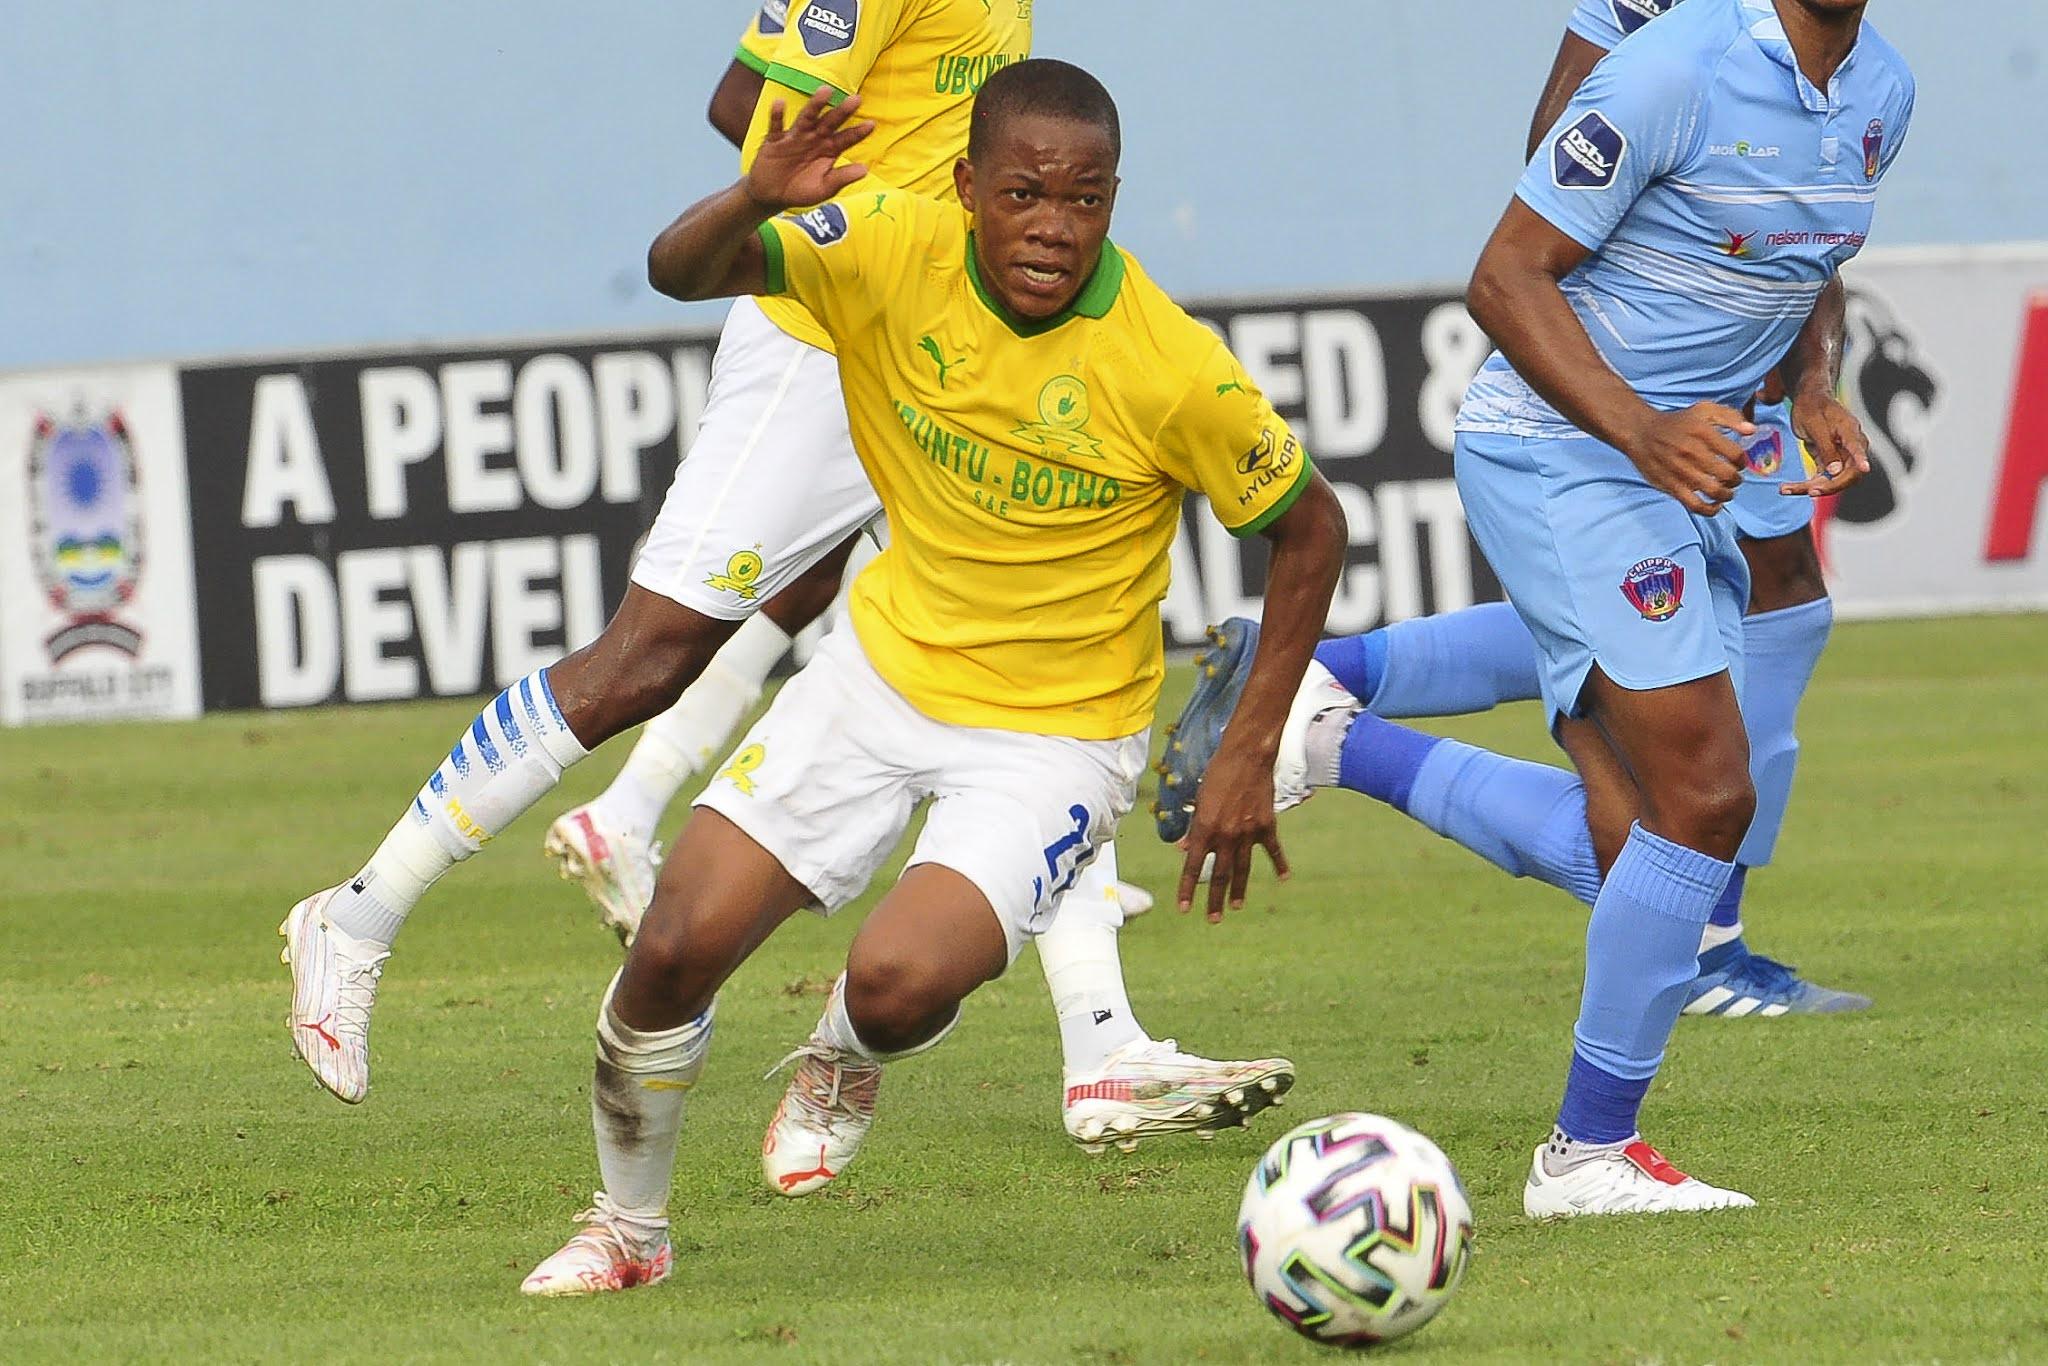 Masandawana midfielder Sphelele Mkhulise